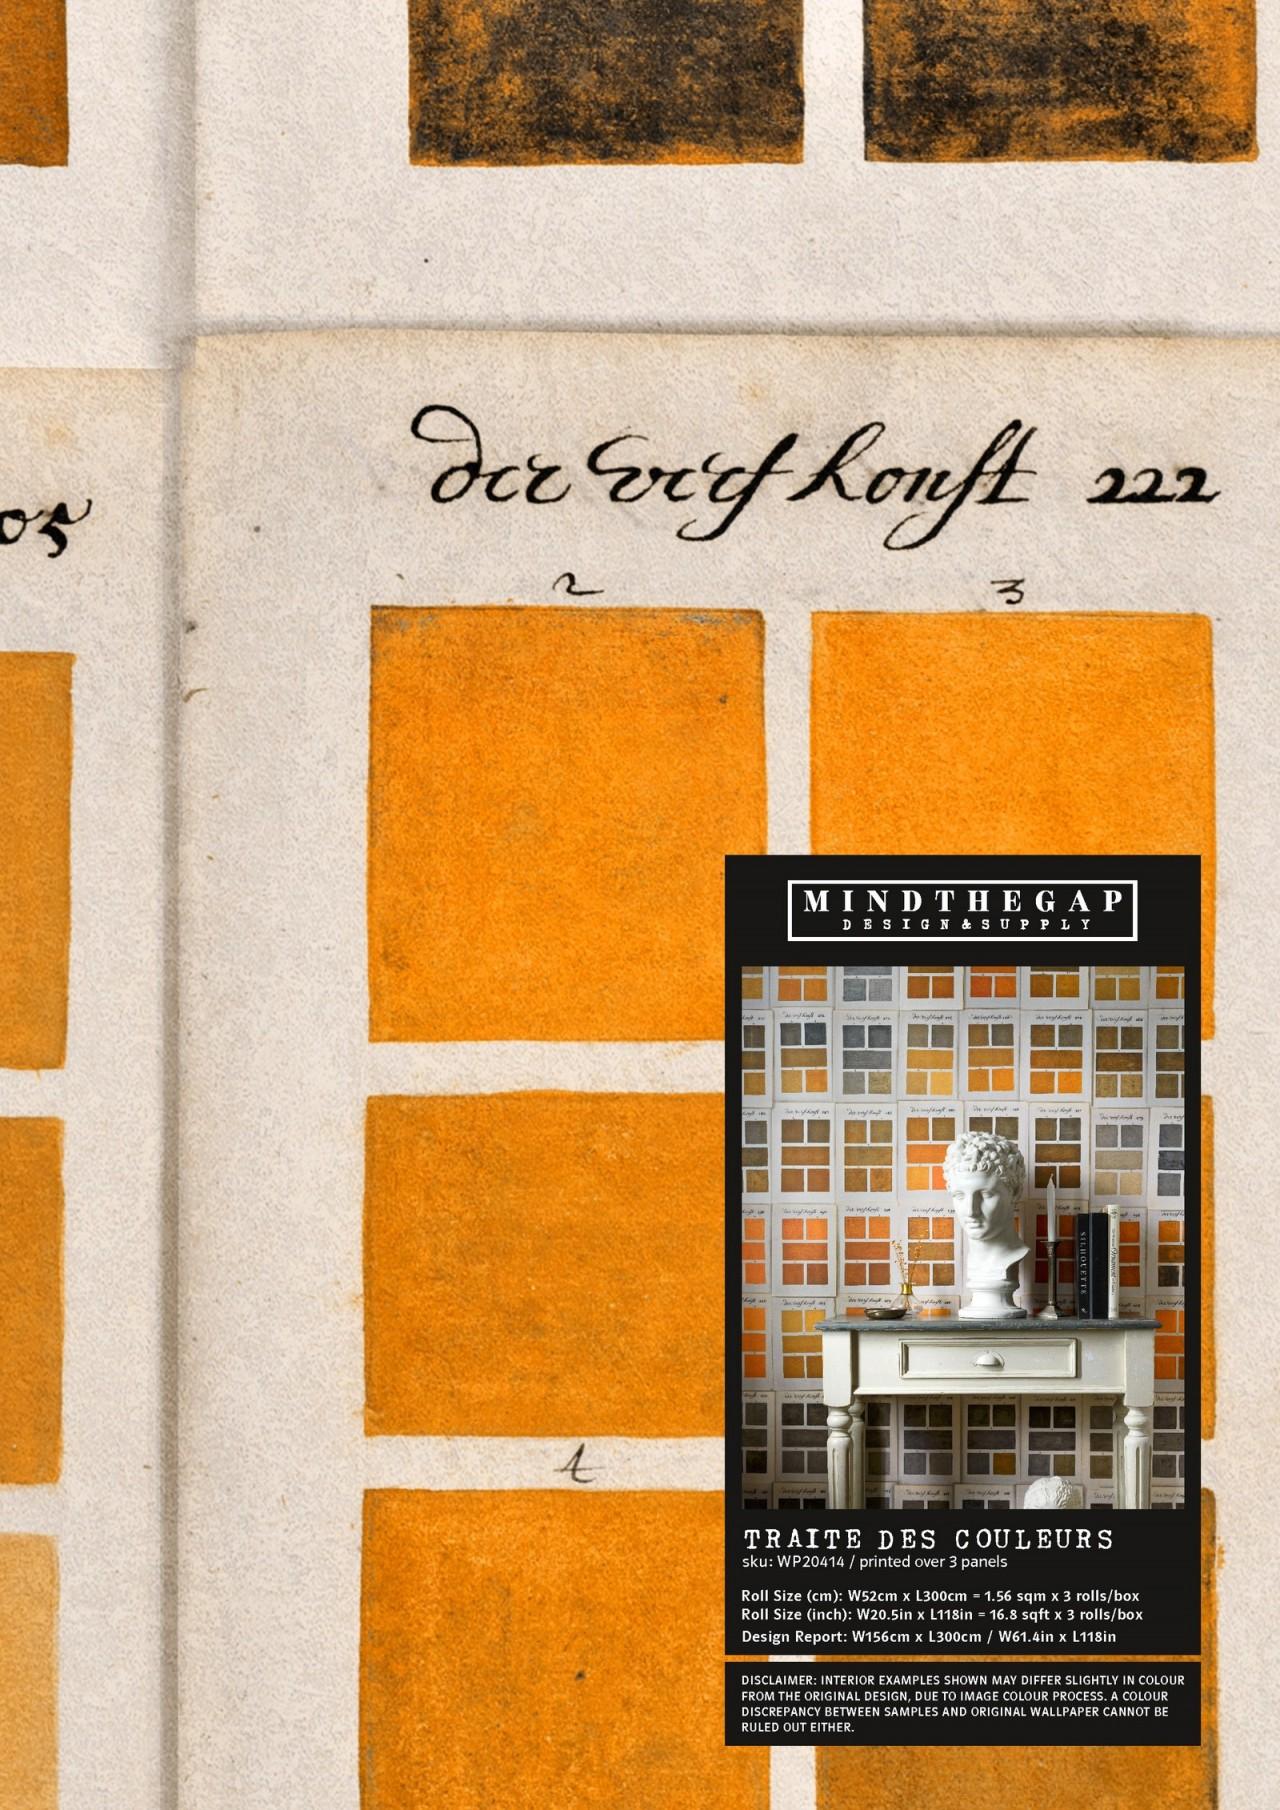 TRAITE DES COULEURS Wallpaper Sample